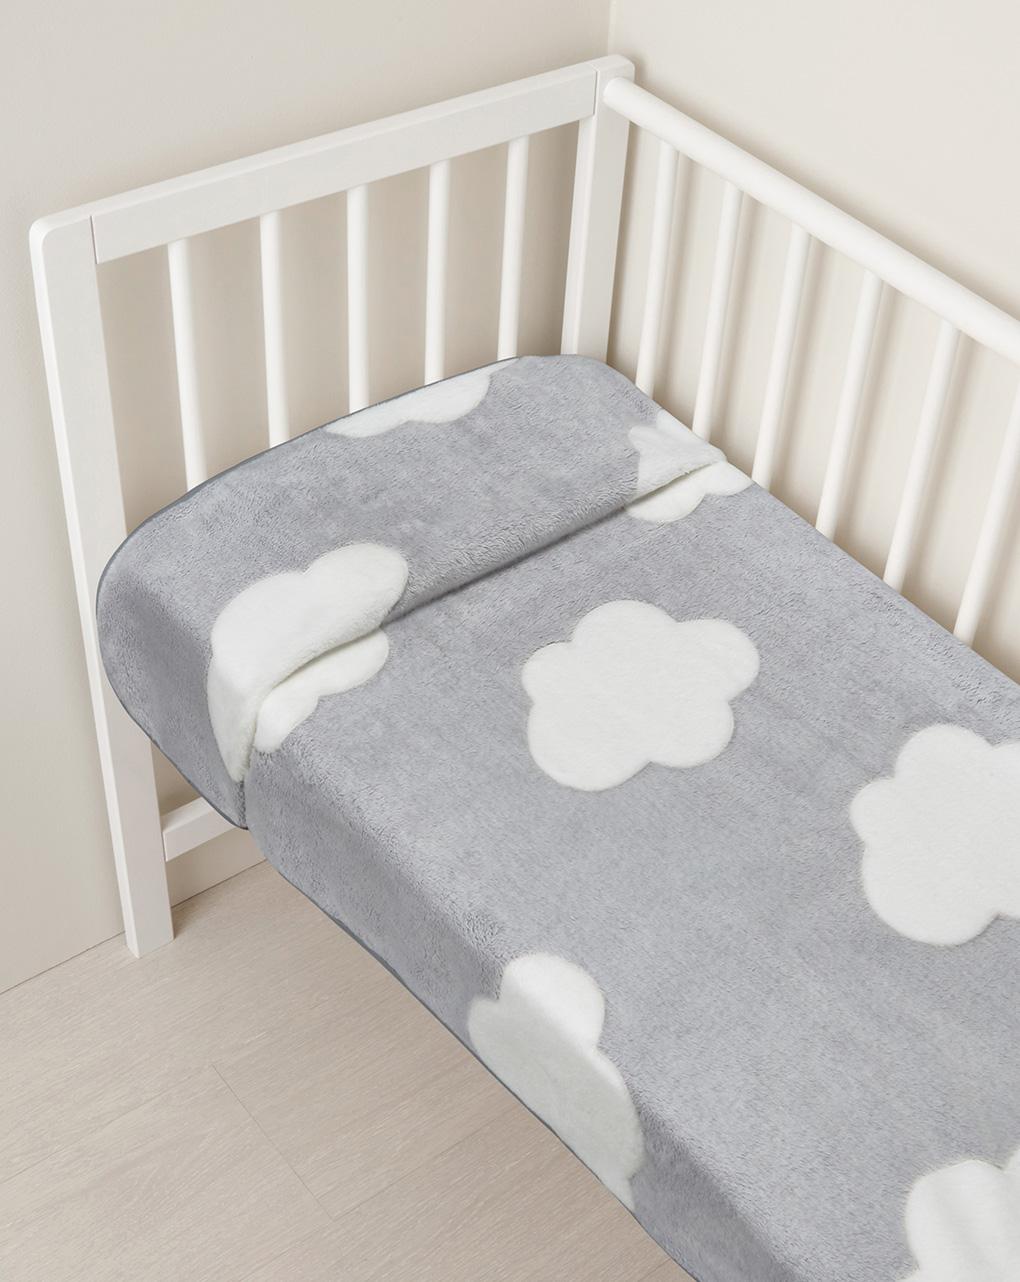 Κουβέρτα για λίκνο με συννεφάκια  70 x 80 cm